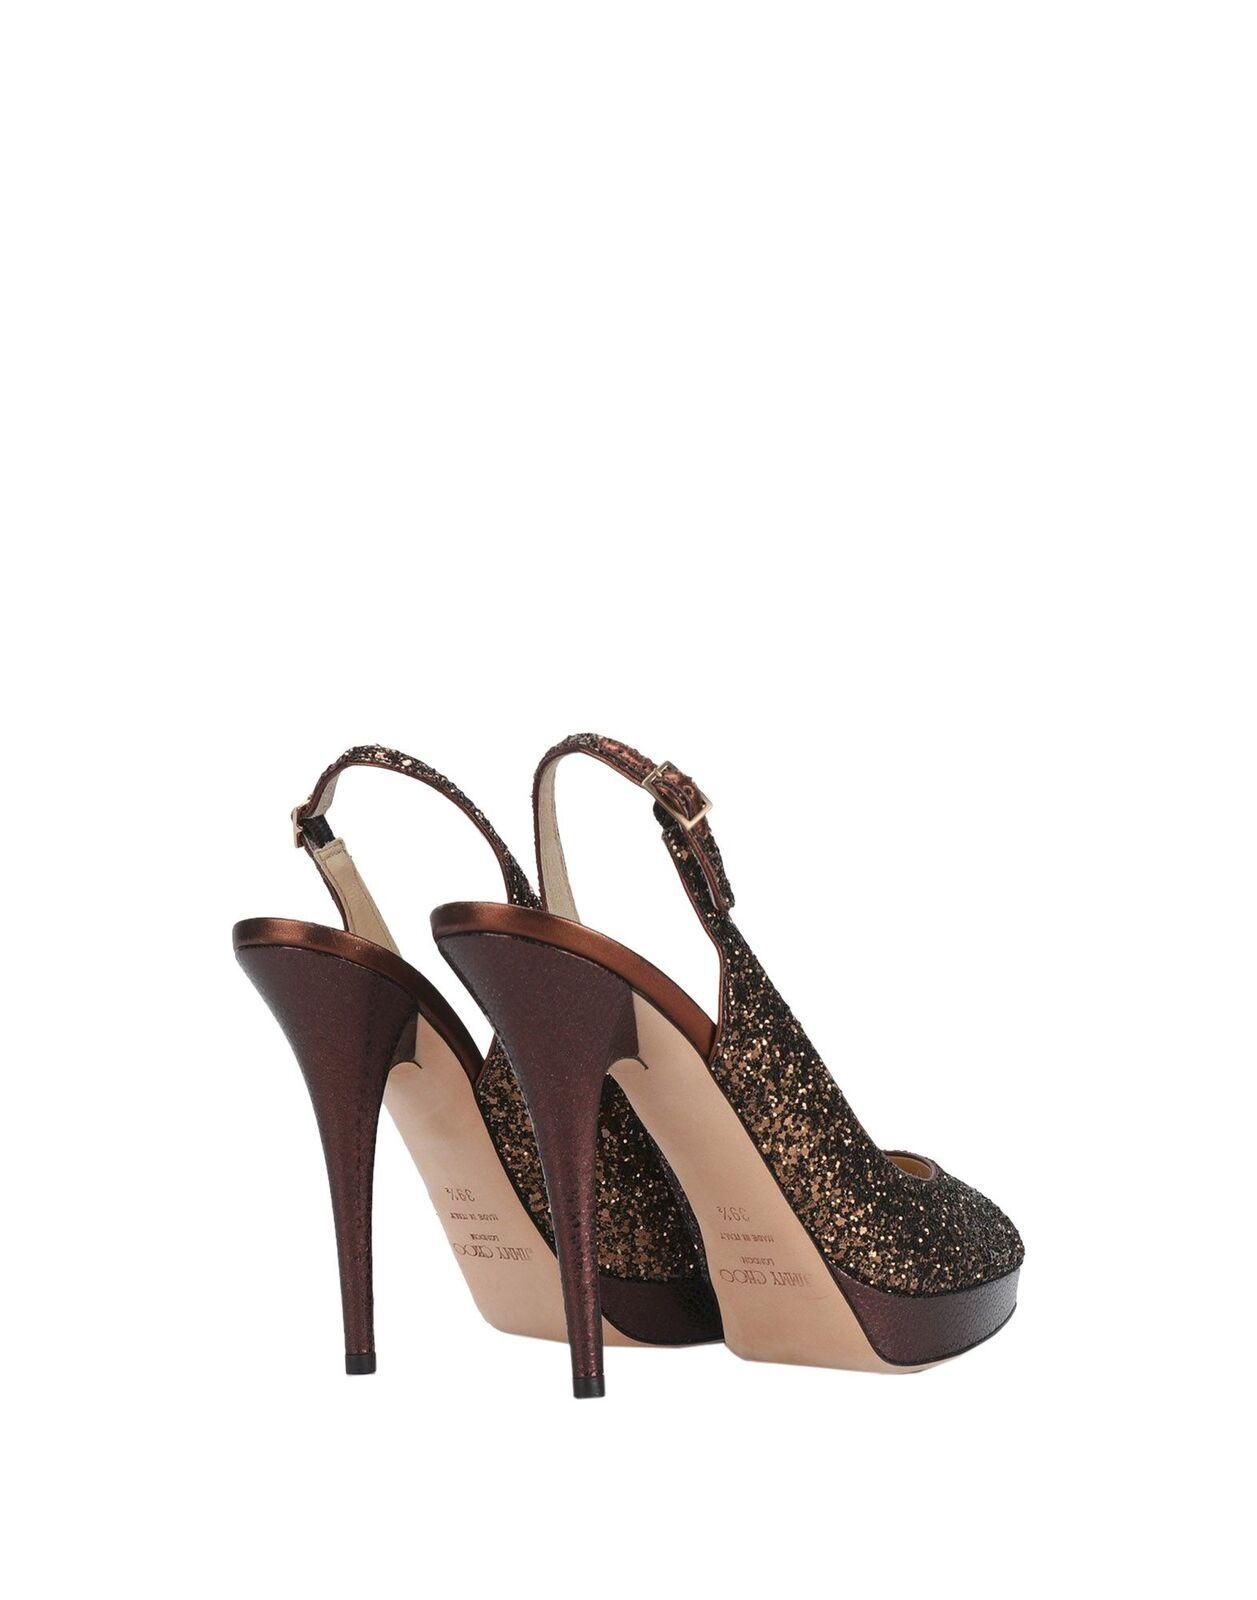 Jimmy Choo Choo Choo Coarse Glitter Bronze Peep-Toe Sandals   Heels Größe 9.5 US 6e2b1c